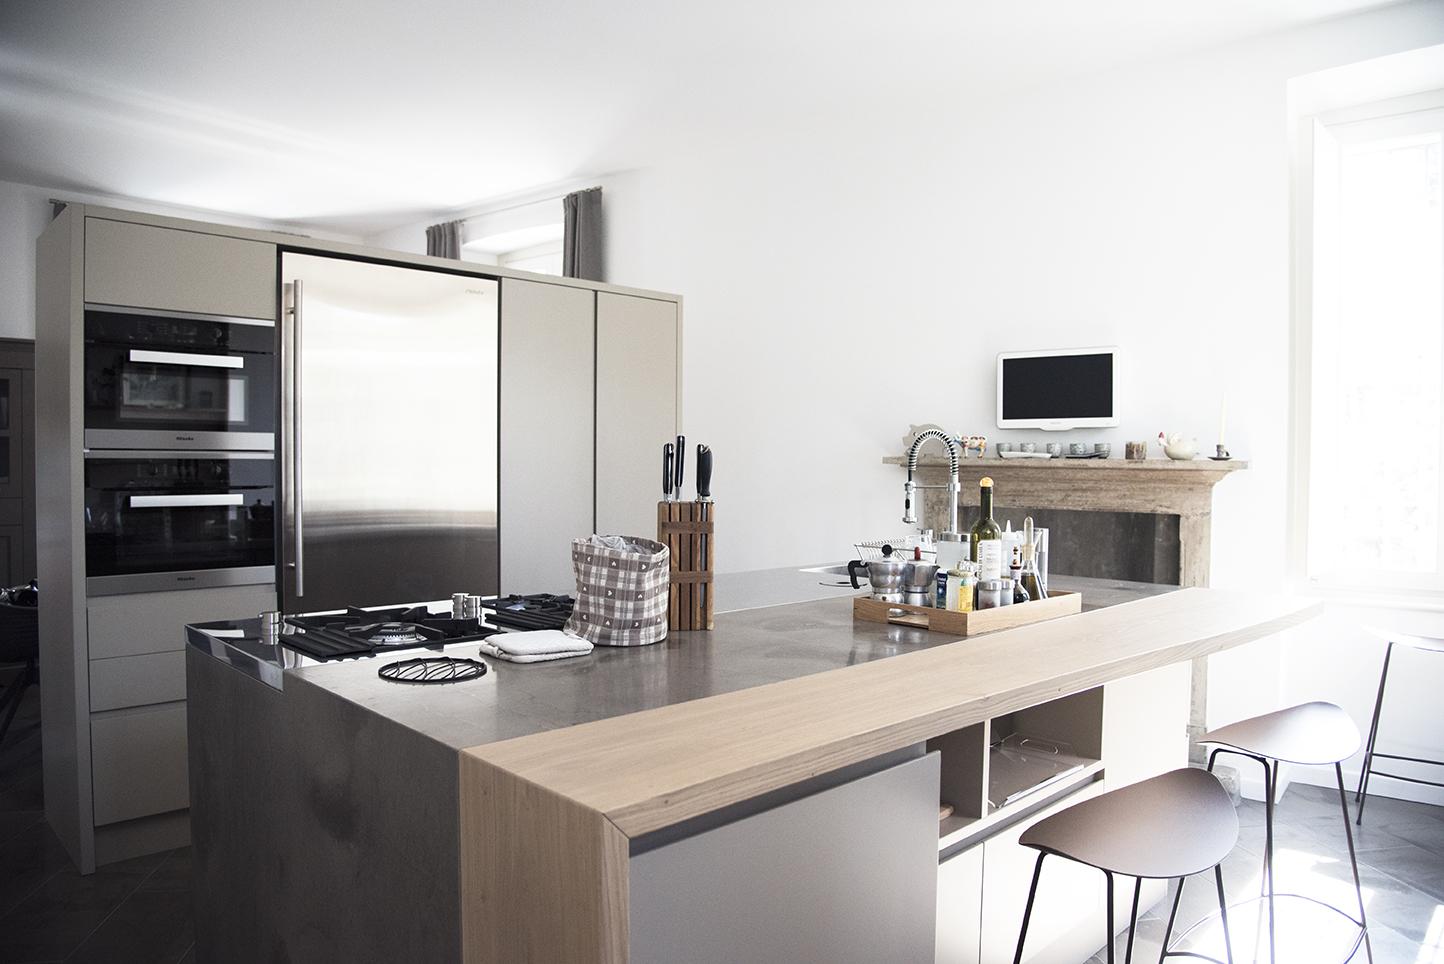 Cucina su misura con isola artigiana legno